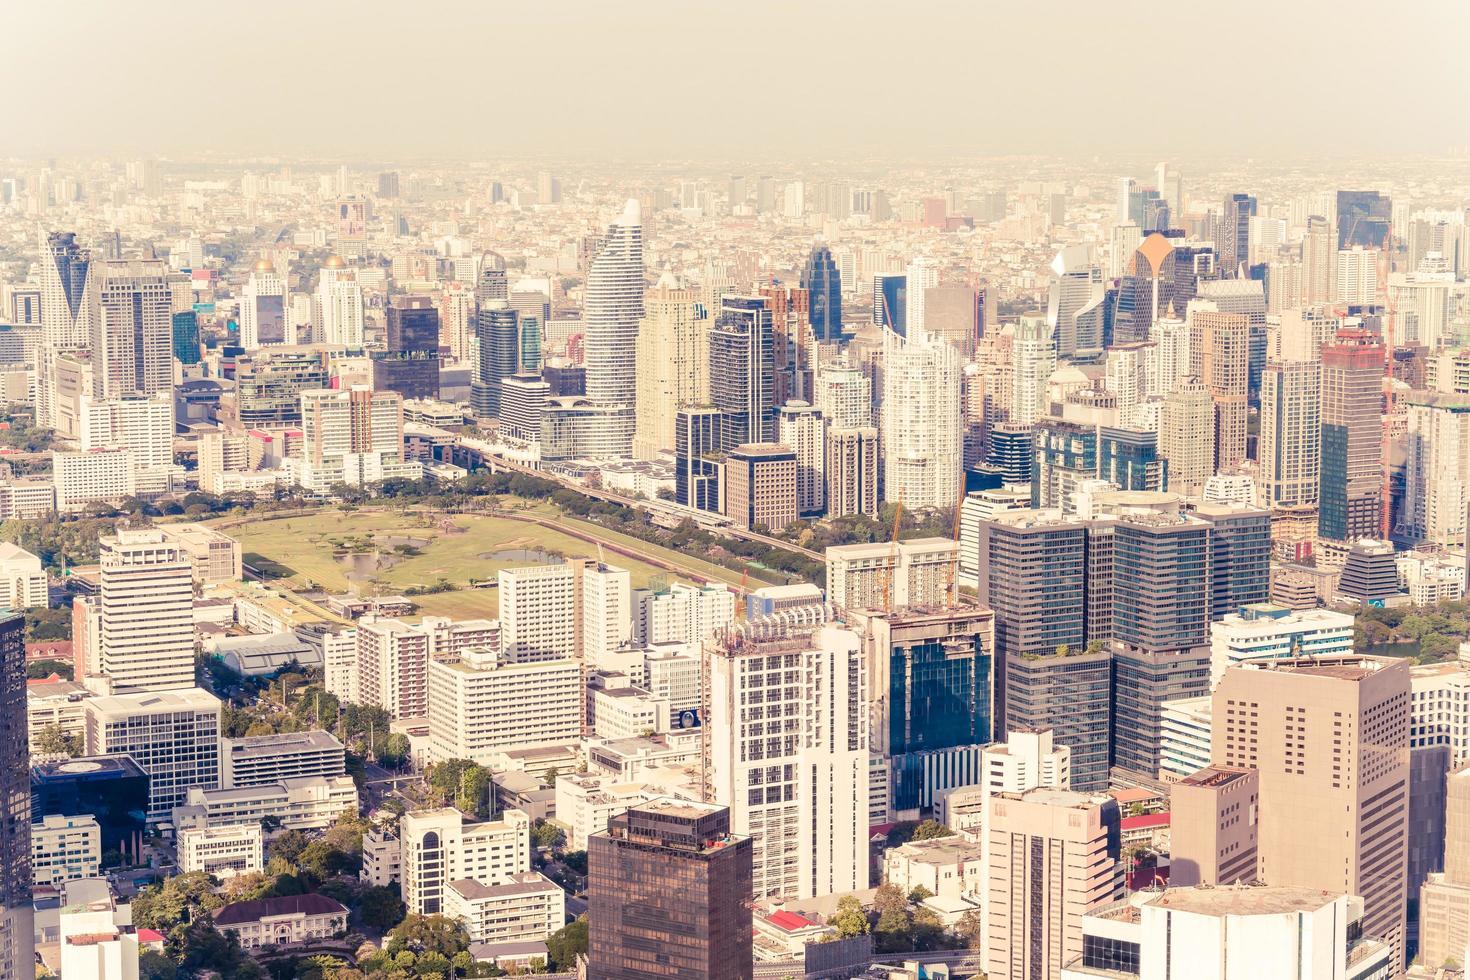 beau paysage urbain avec architecture et bâtiment à bangkok en thaïlande photo